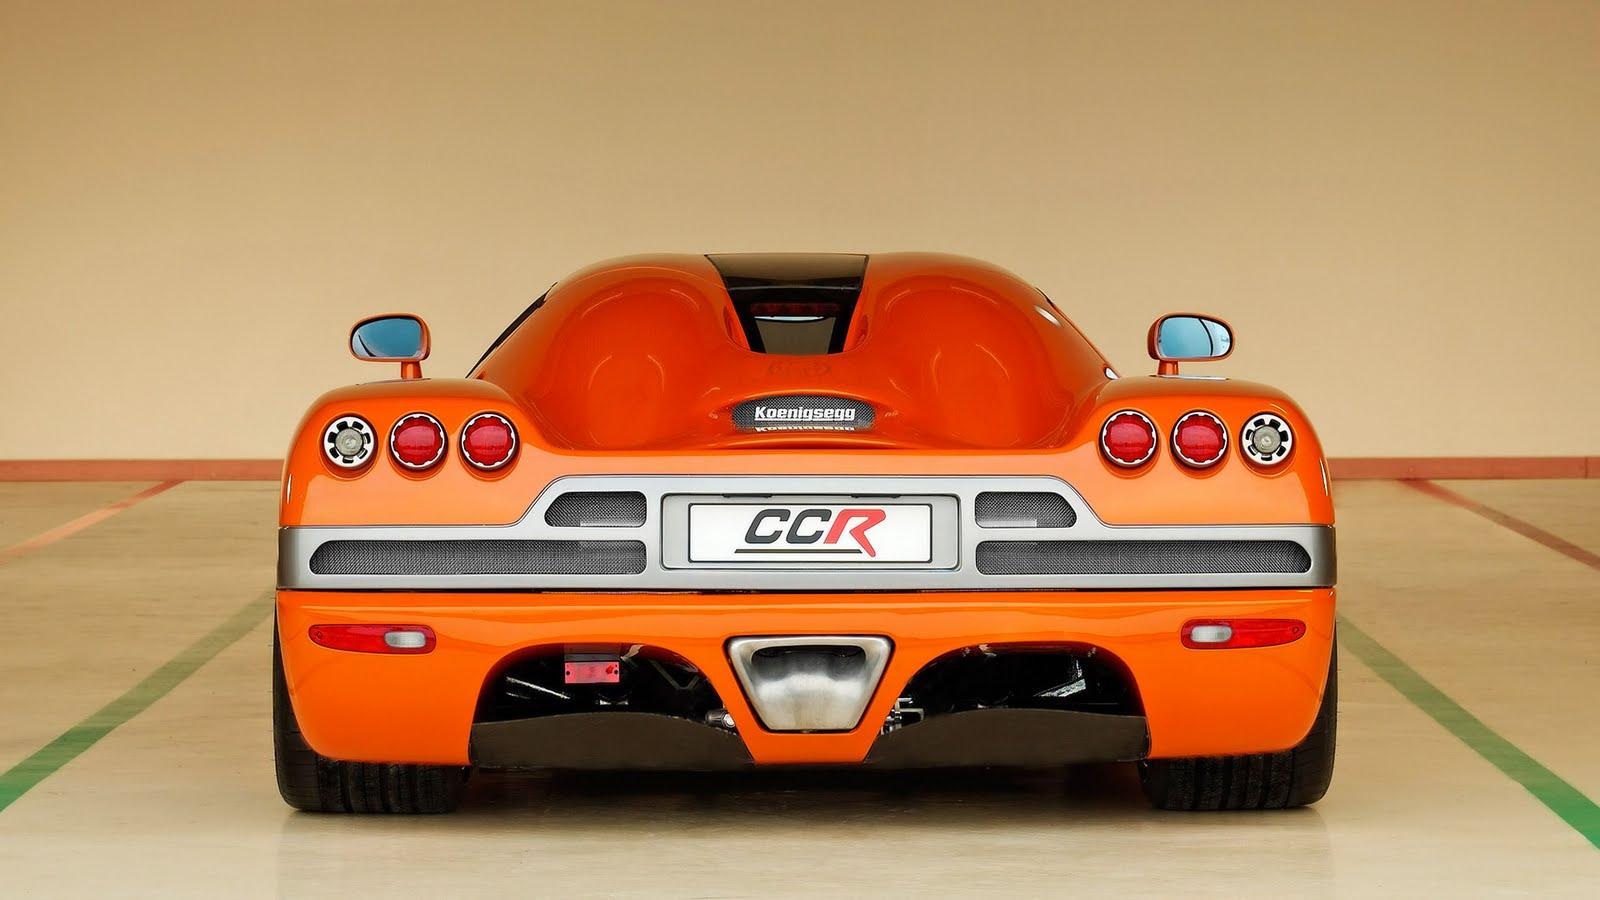 http://1.bp.blogspot.com/-QMf4gBSvzWQ/TbRDpWHvRsI/AAAAAAAABE0/Lw5yvHzQtXw/s1600/cars+1920x1080+%252811%2529.jpg